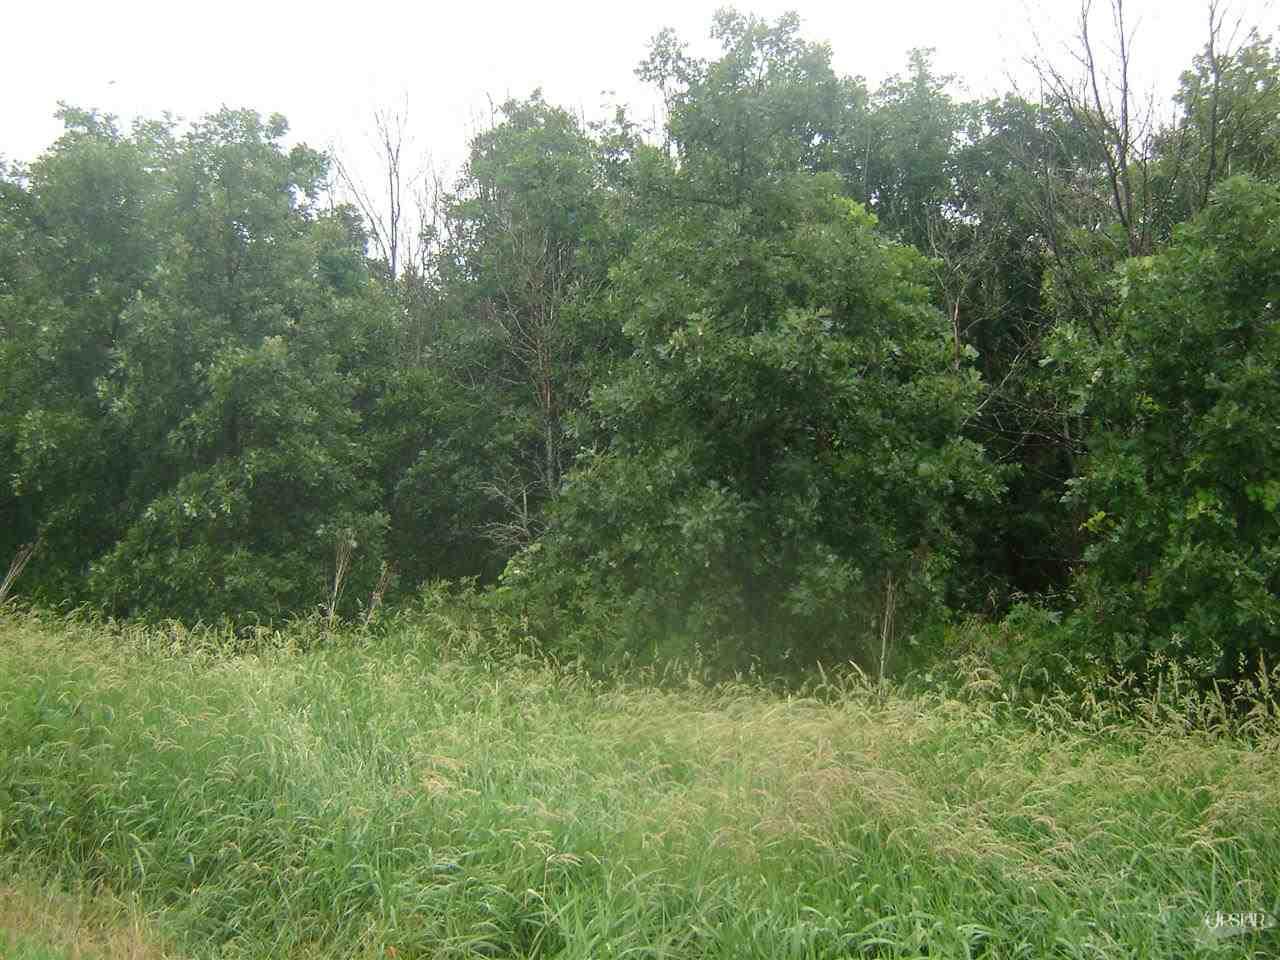 00 county road 43, Auburn, IN 46706